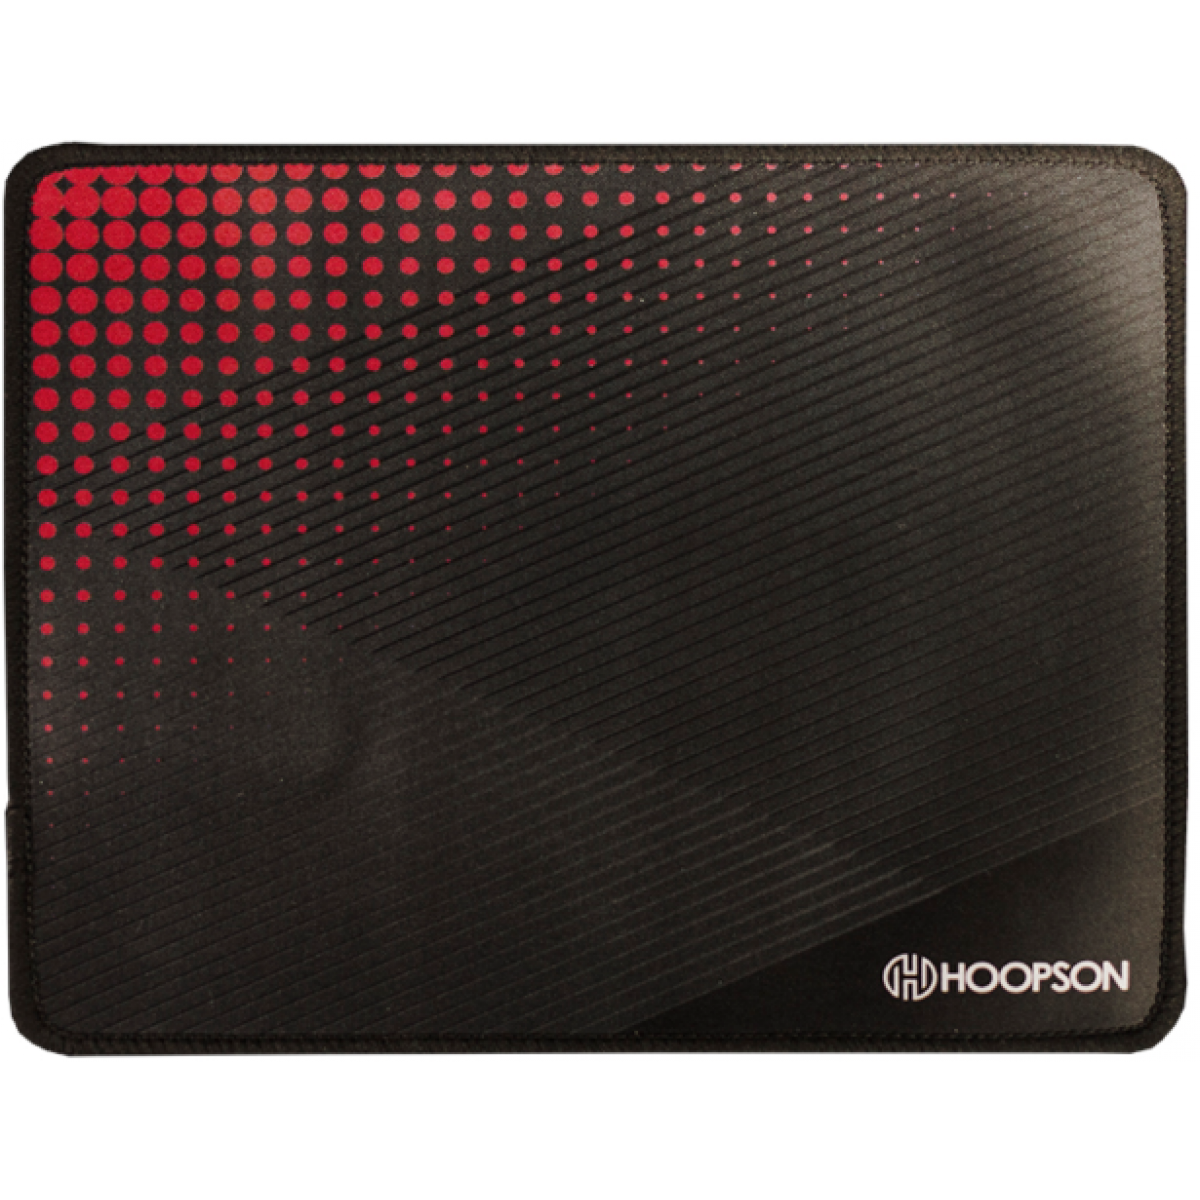 Combo Gamer Hoopson 4 em 1, Teclado, Mouse, Headset e Mousepad, Vermelho, TPC-050R